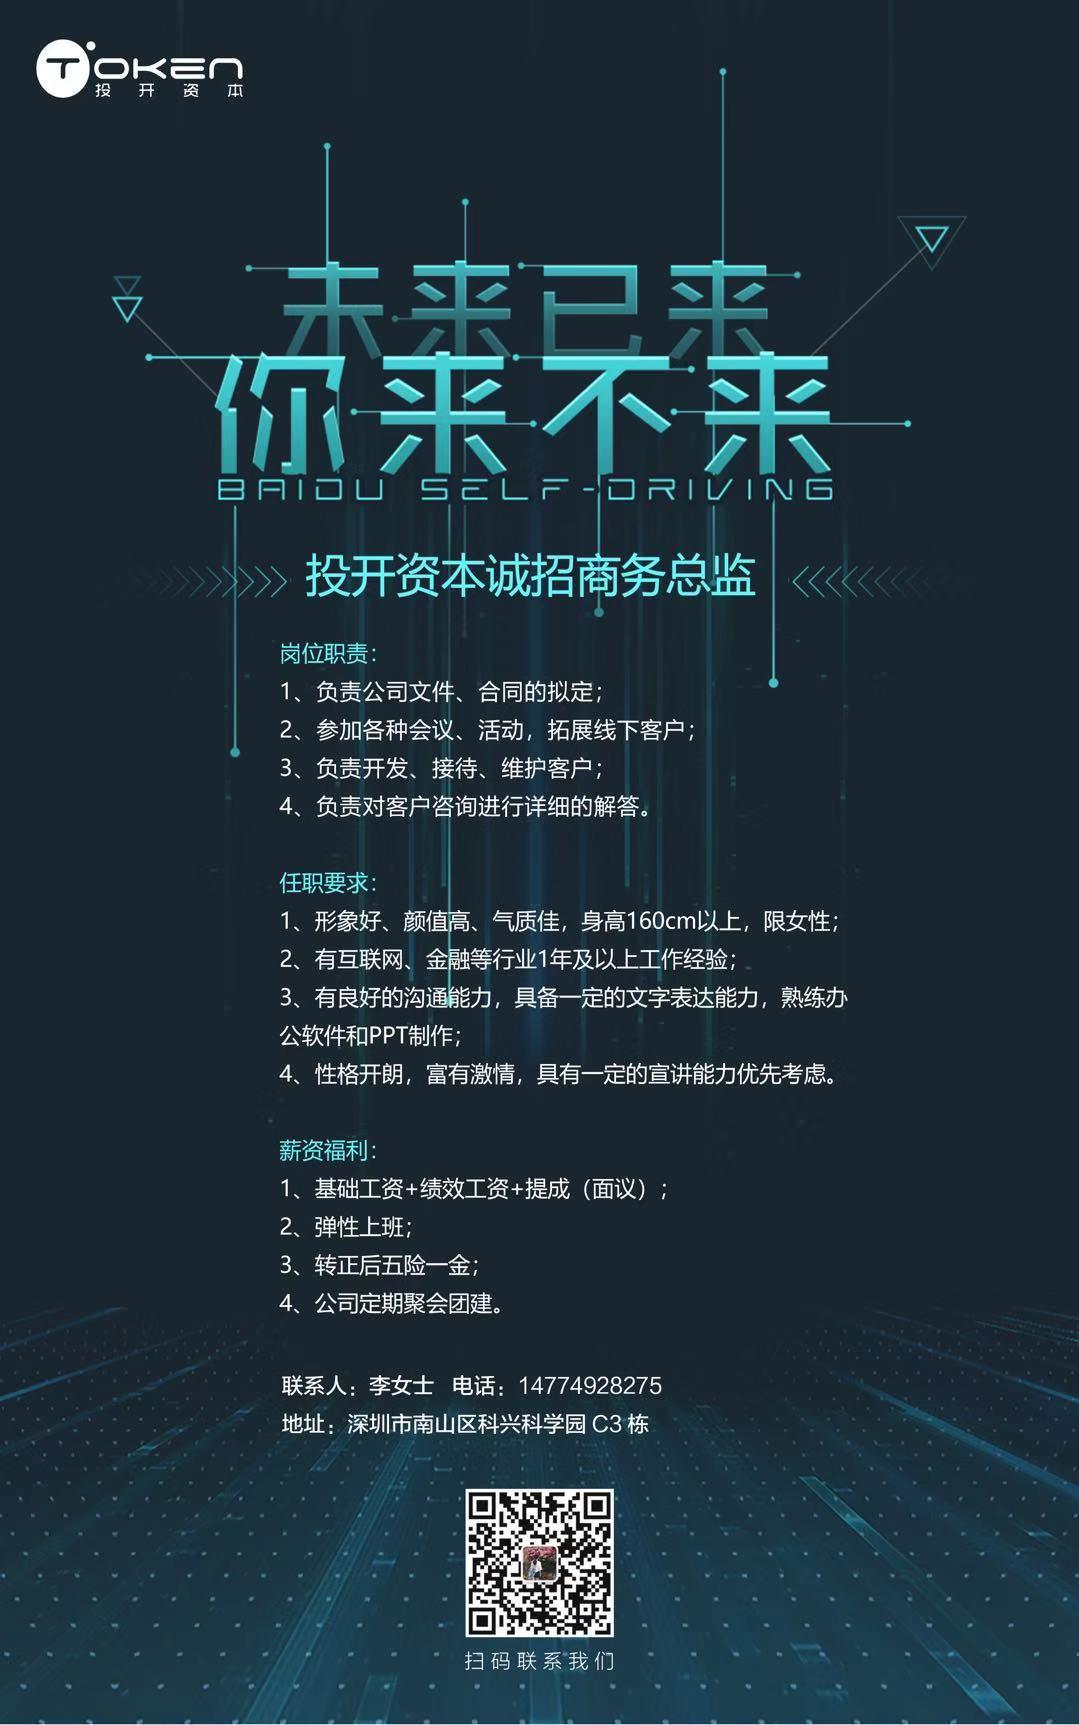 深圳投开资本诚招商务总监